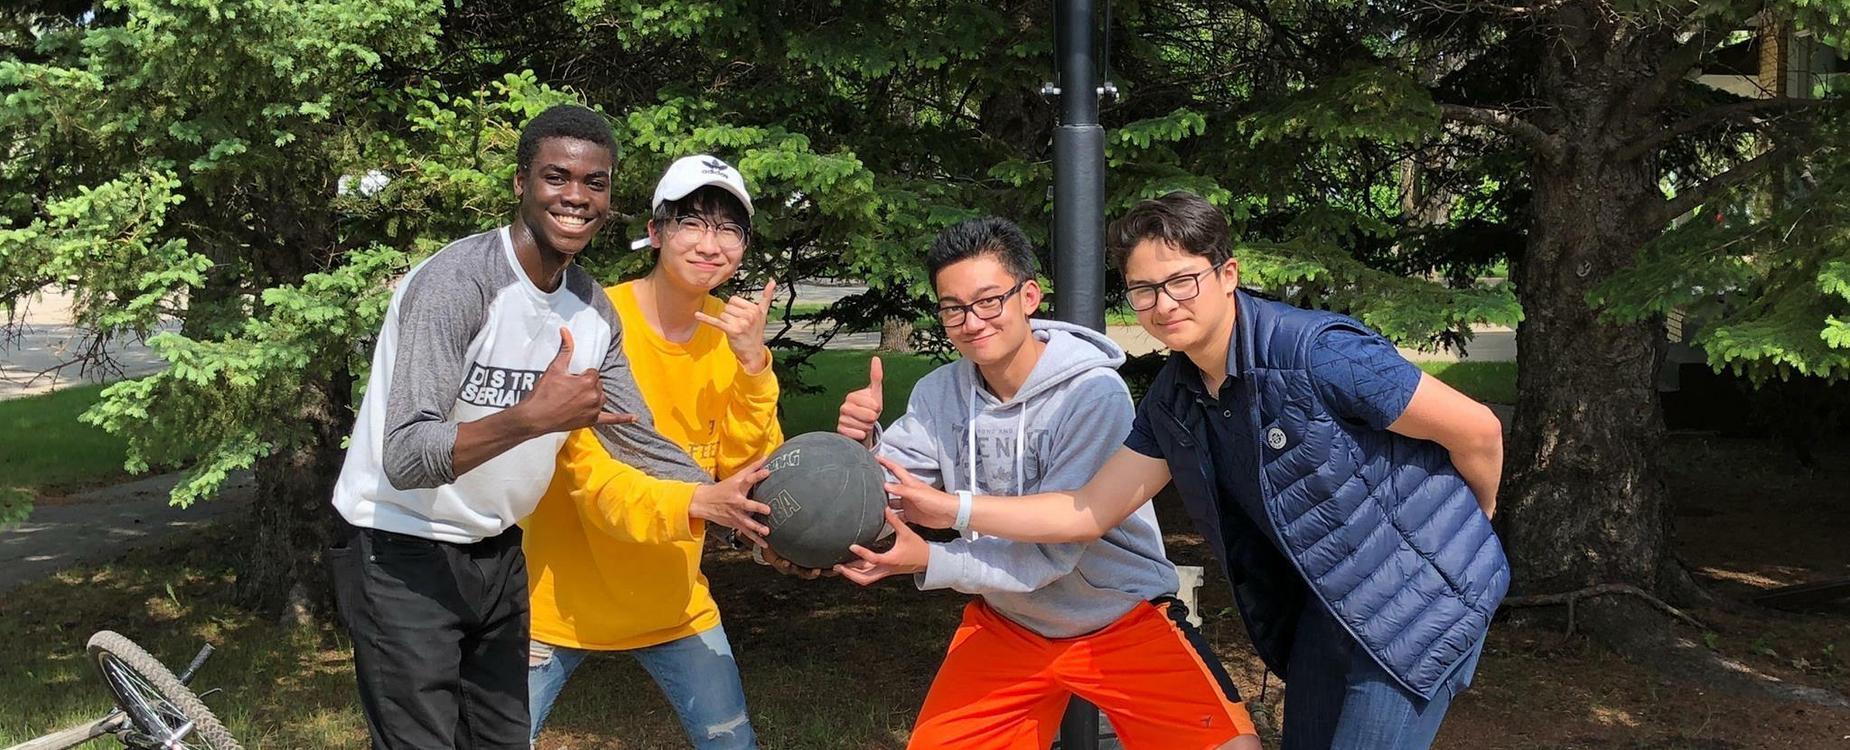 boys with basketball